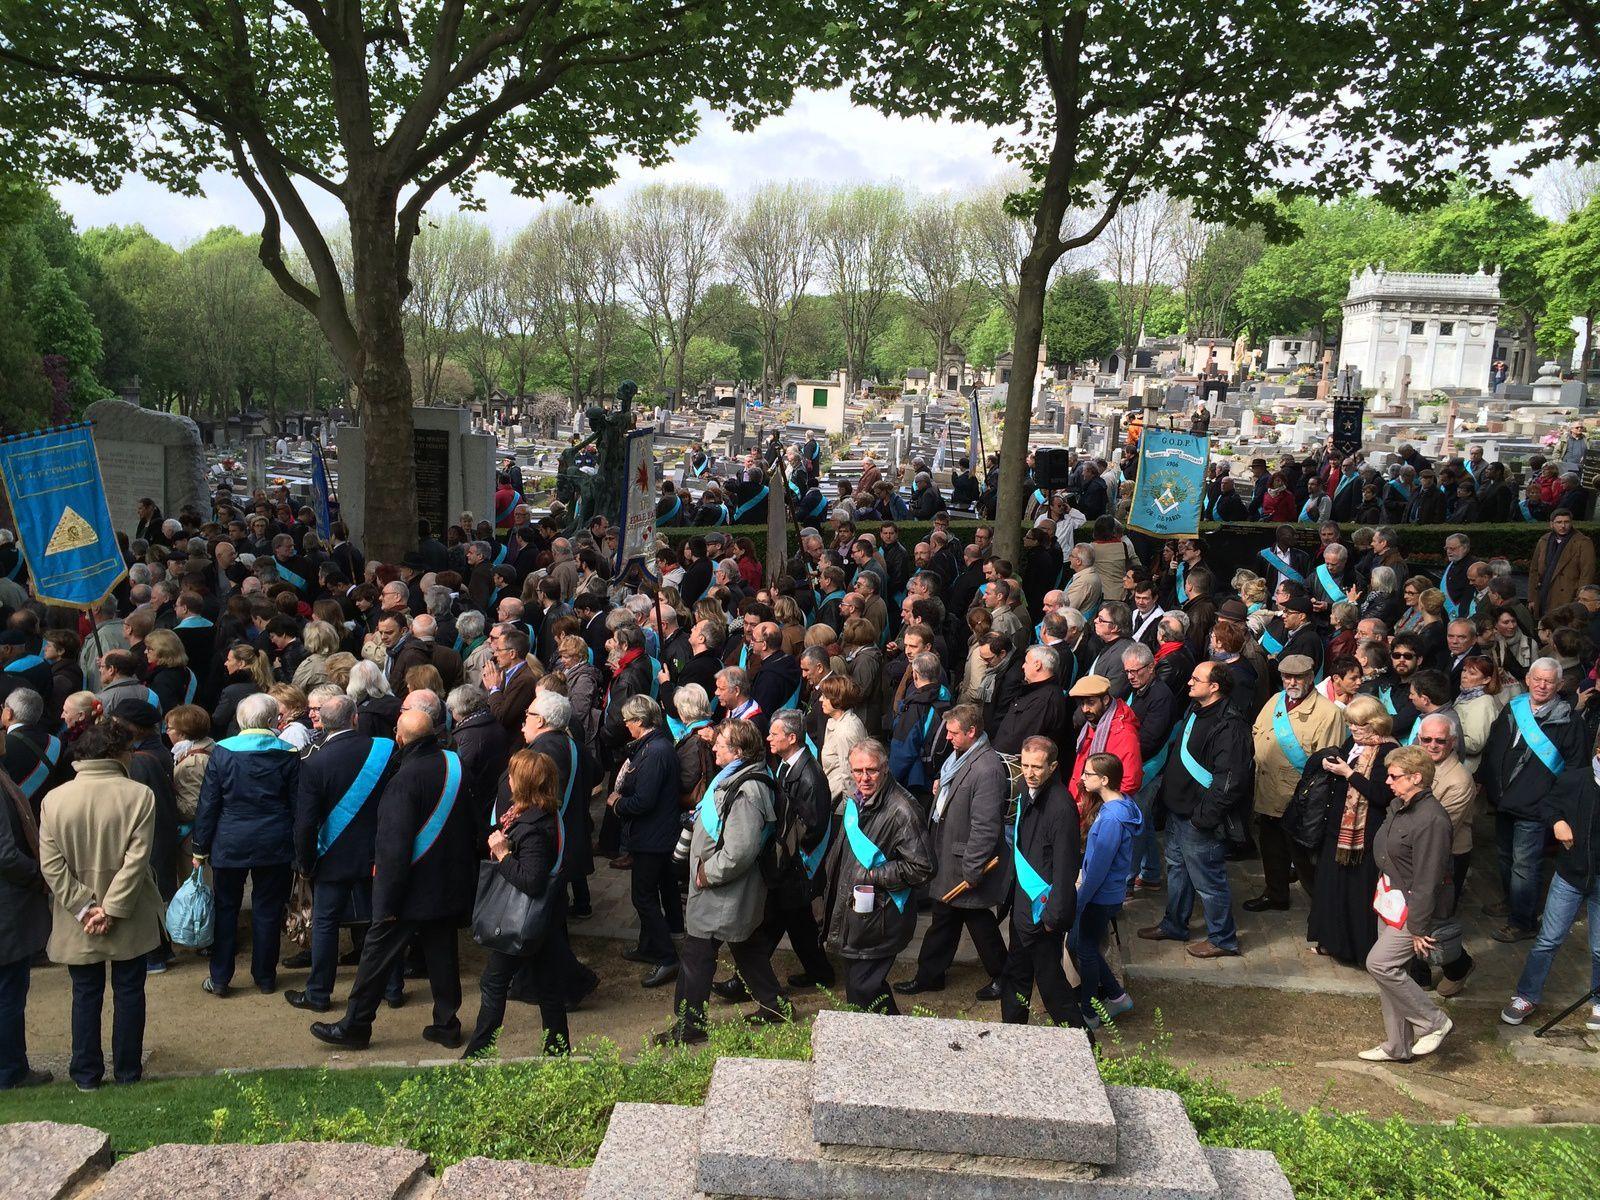 1er mai 2014 : Au père Lachaise à Paris. Cérémonie en Hommage aux morts de la Commune de paris (1871) et hommage à Pierre Brossolette.